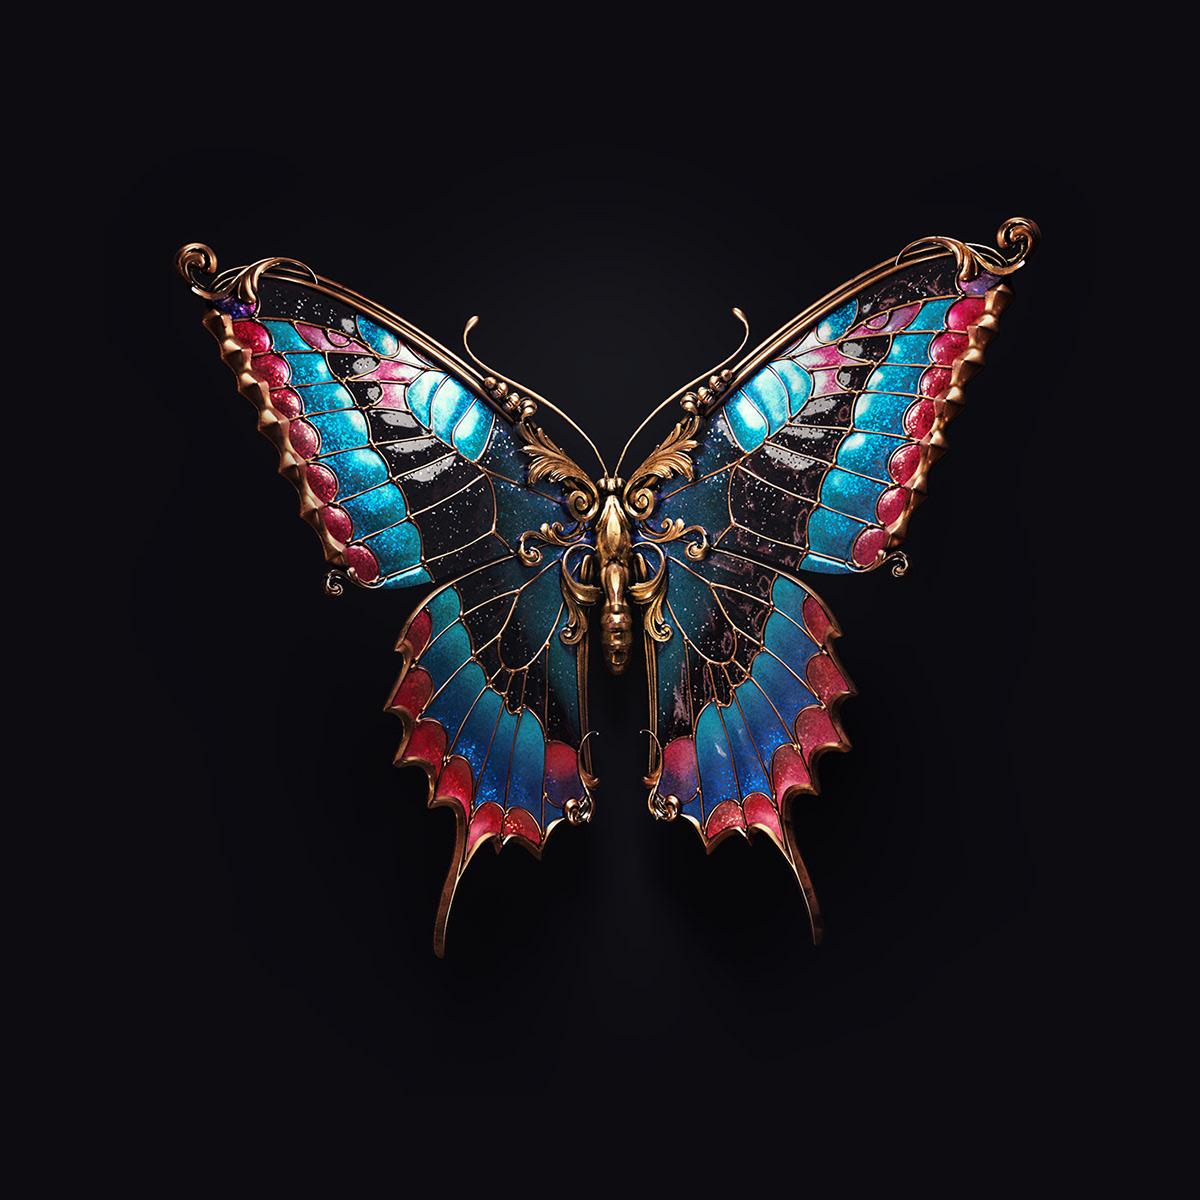 Jewel insects by Sasha Vinogradova 1